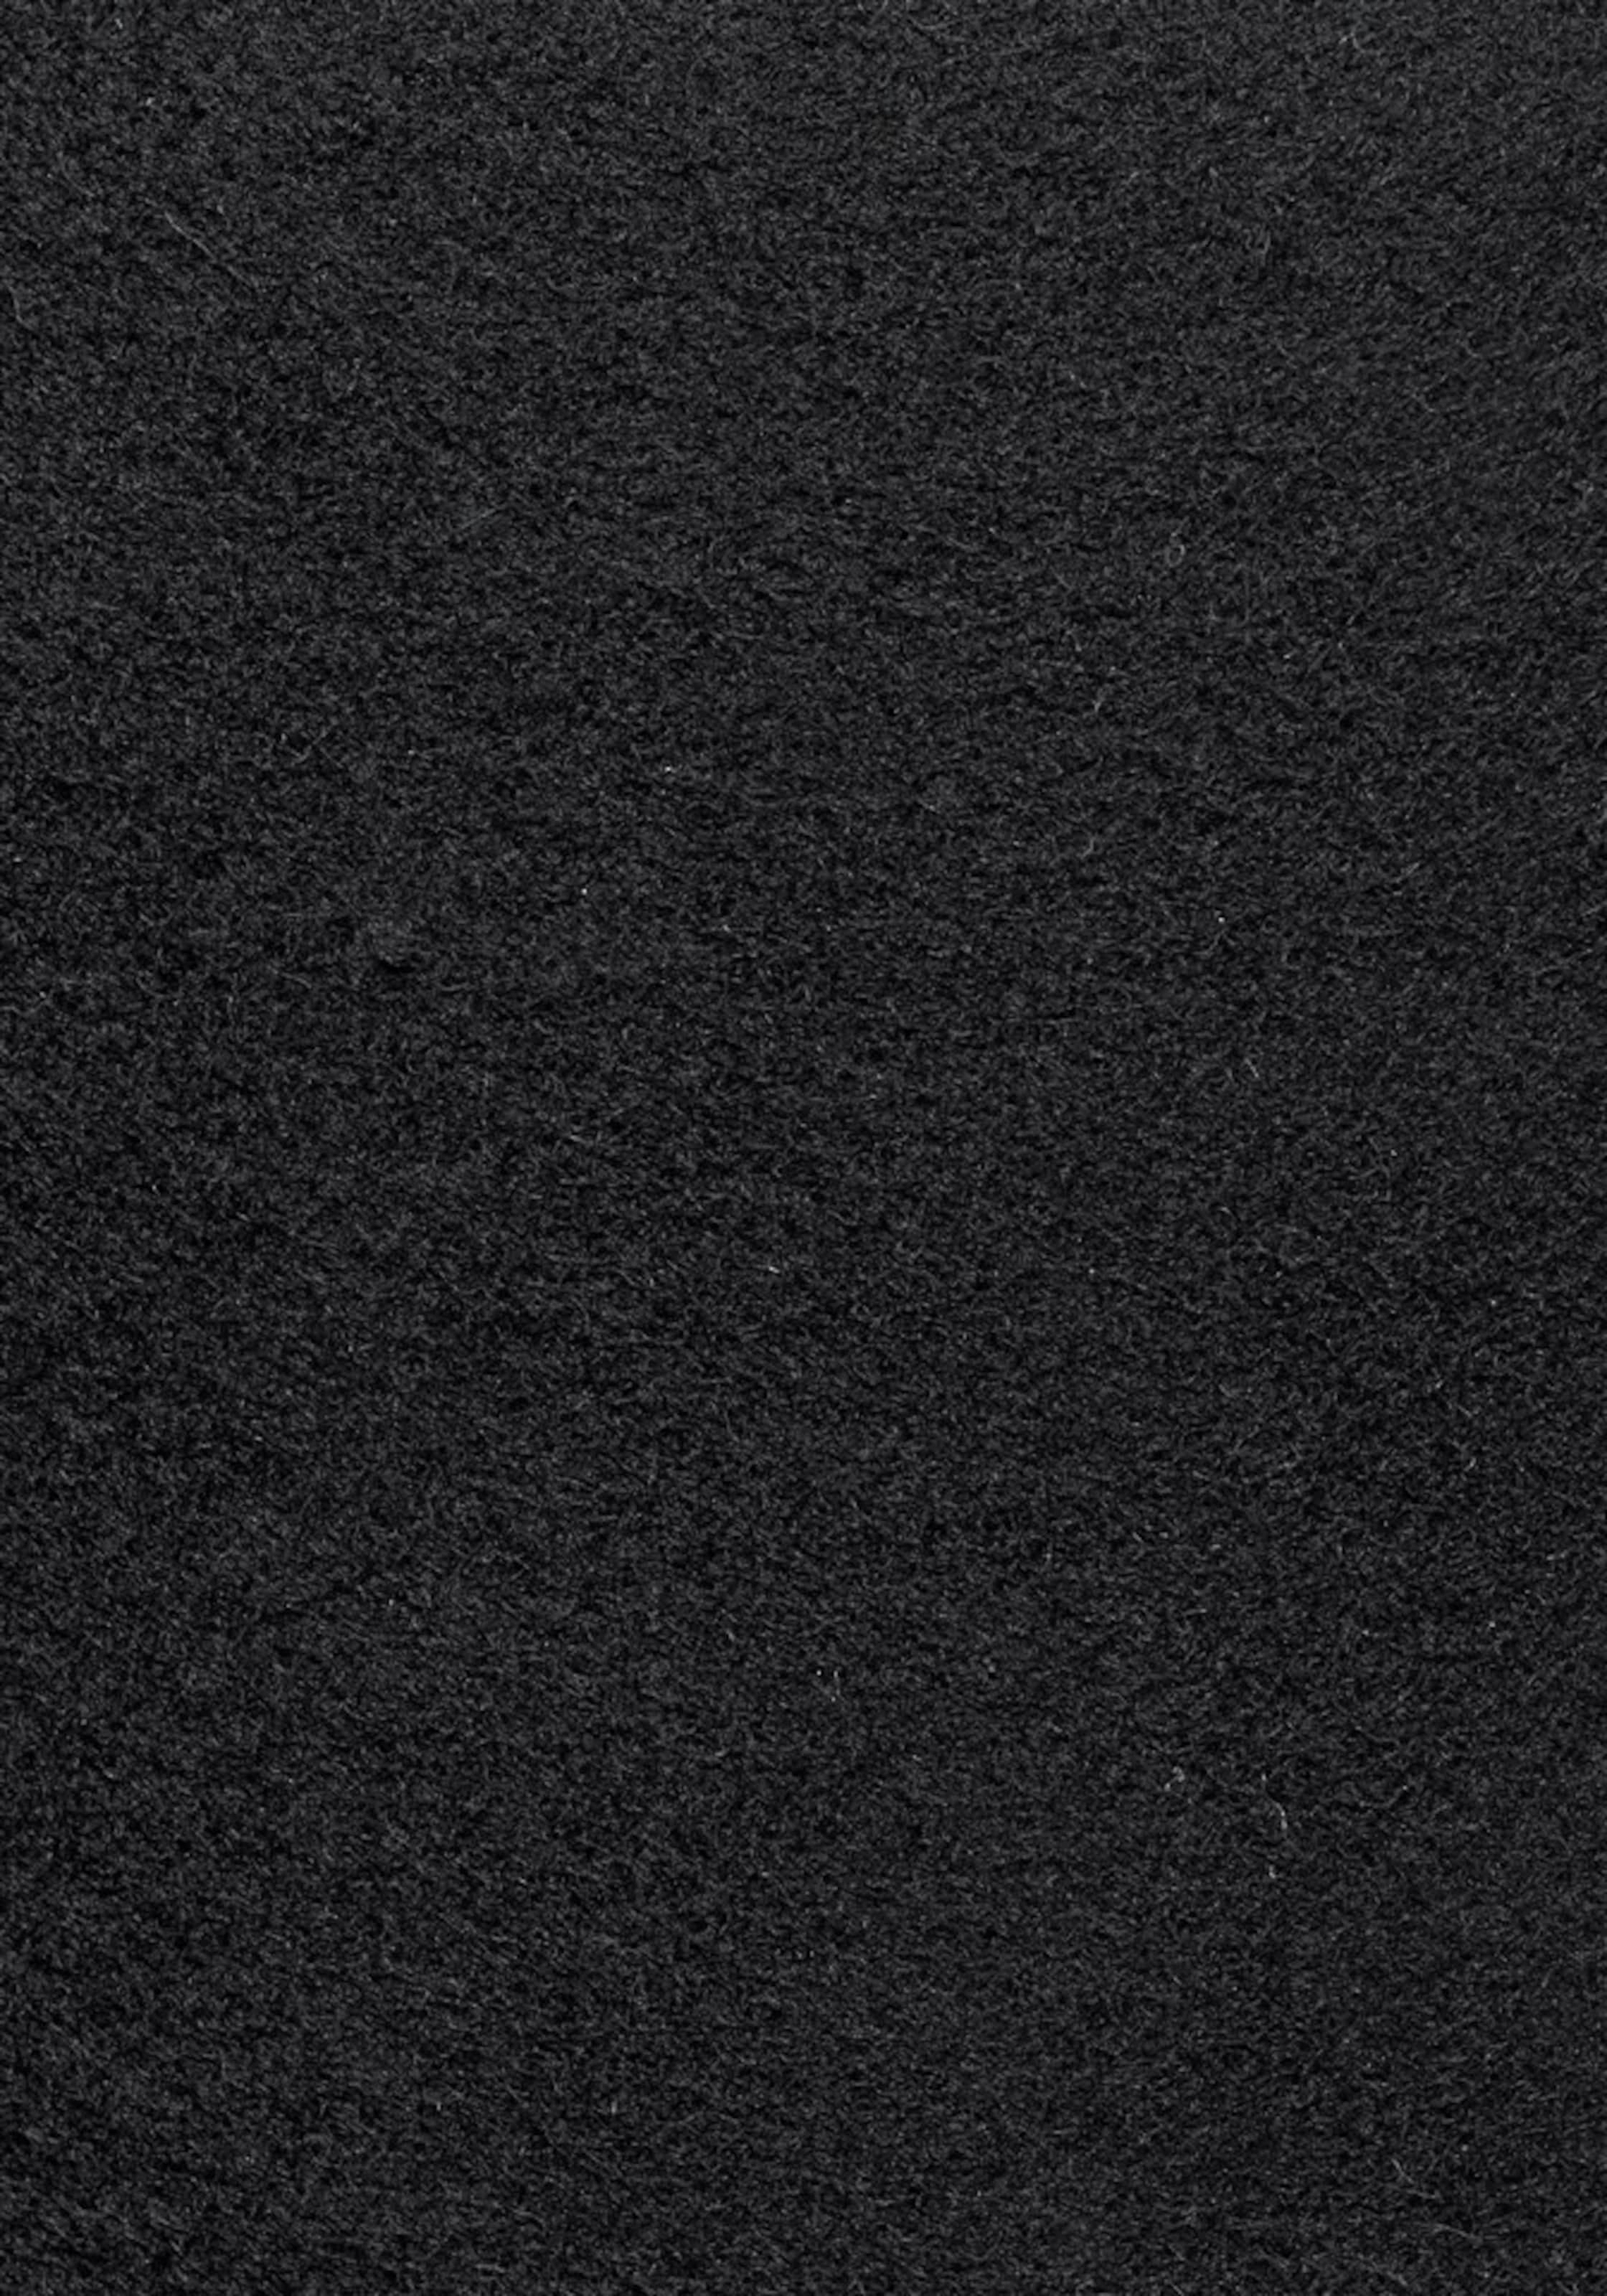 Steckdose Vorbestellung Günstig Kaufen Angebote J. Jayz Hut mit hochschlagbarer Krempe Finish Günstiger Preis LcNiw